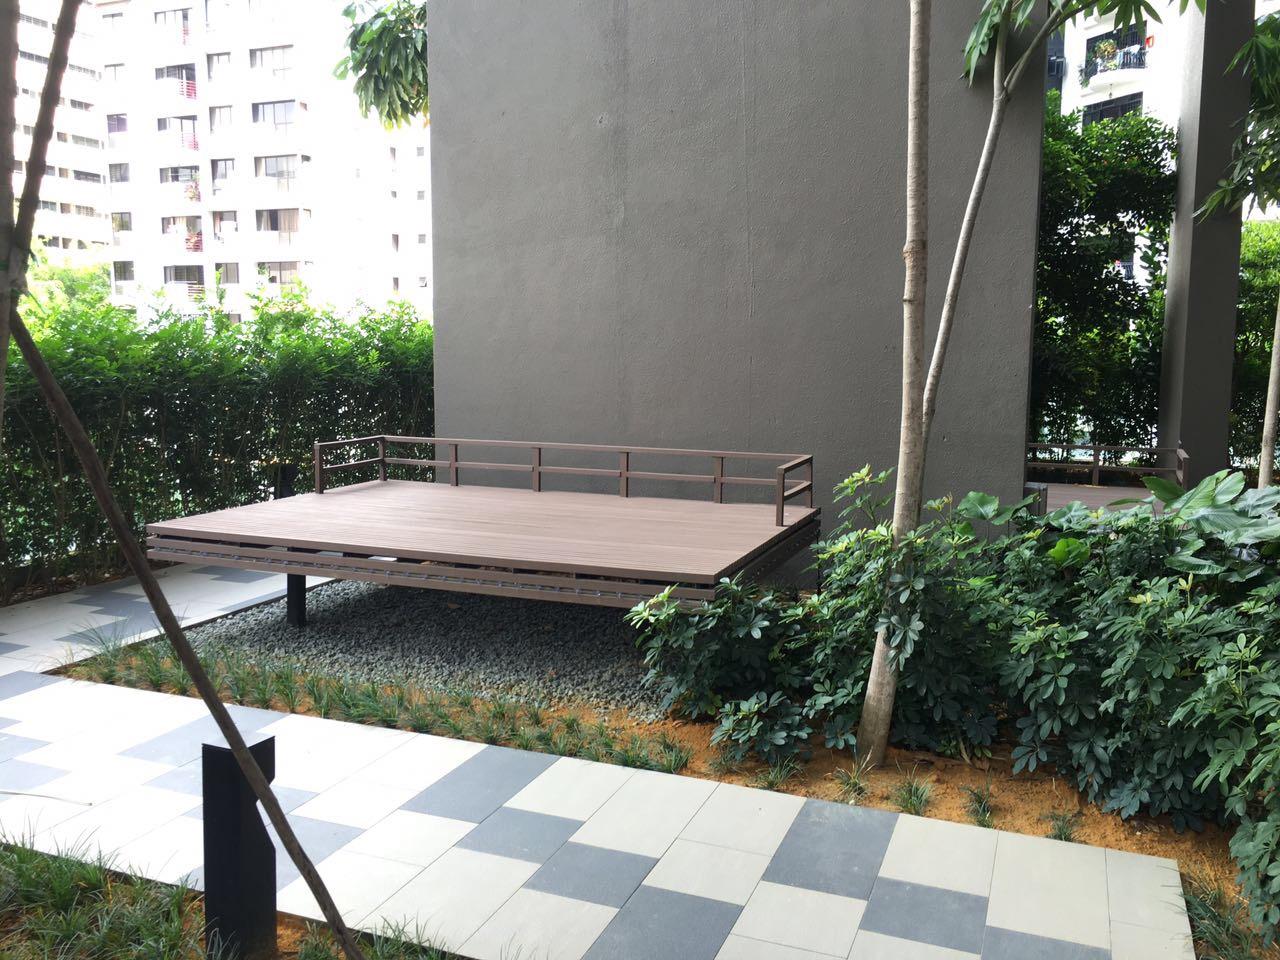 Balestier Deluxe 2 outdoor bench